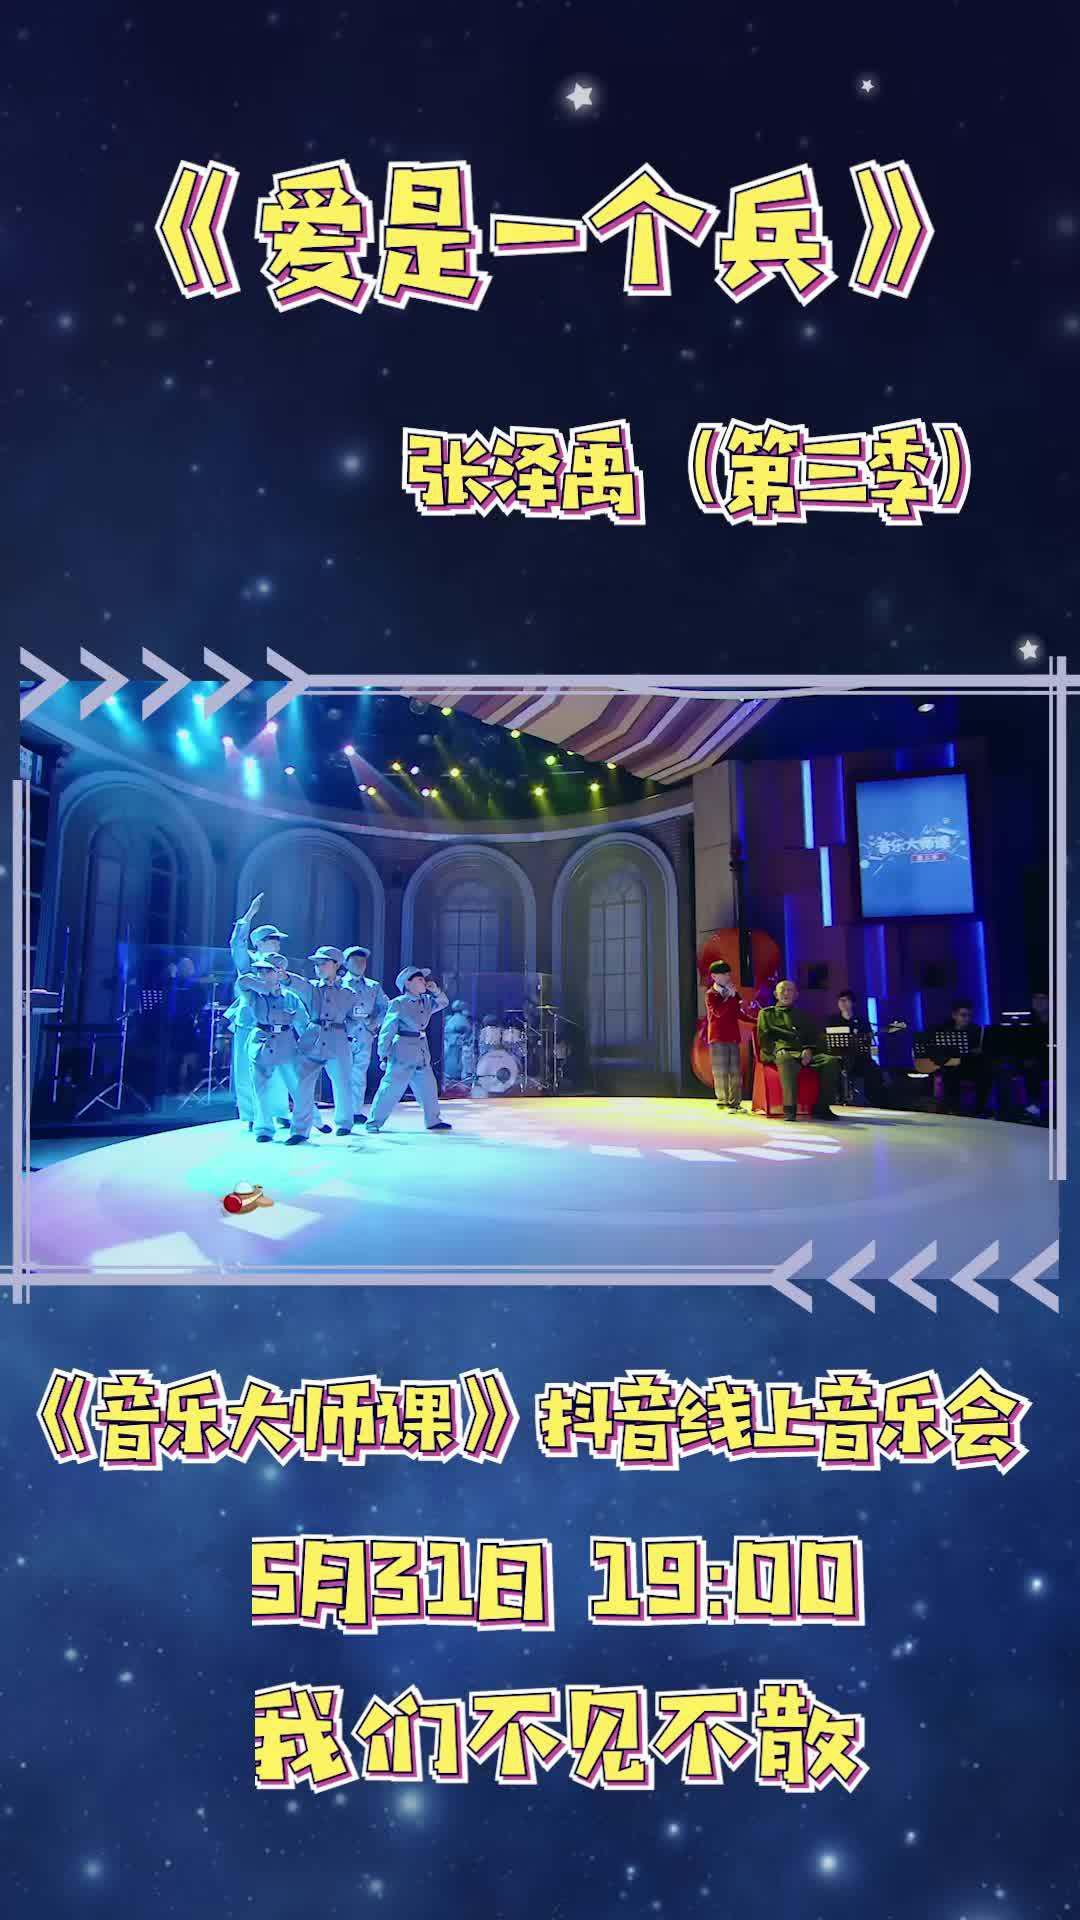 第三学年的张泽禹同学用这首歌曲为爷爷歌唱……